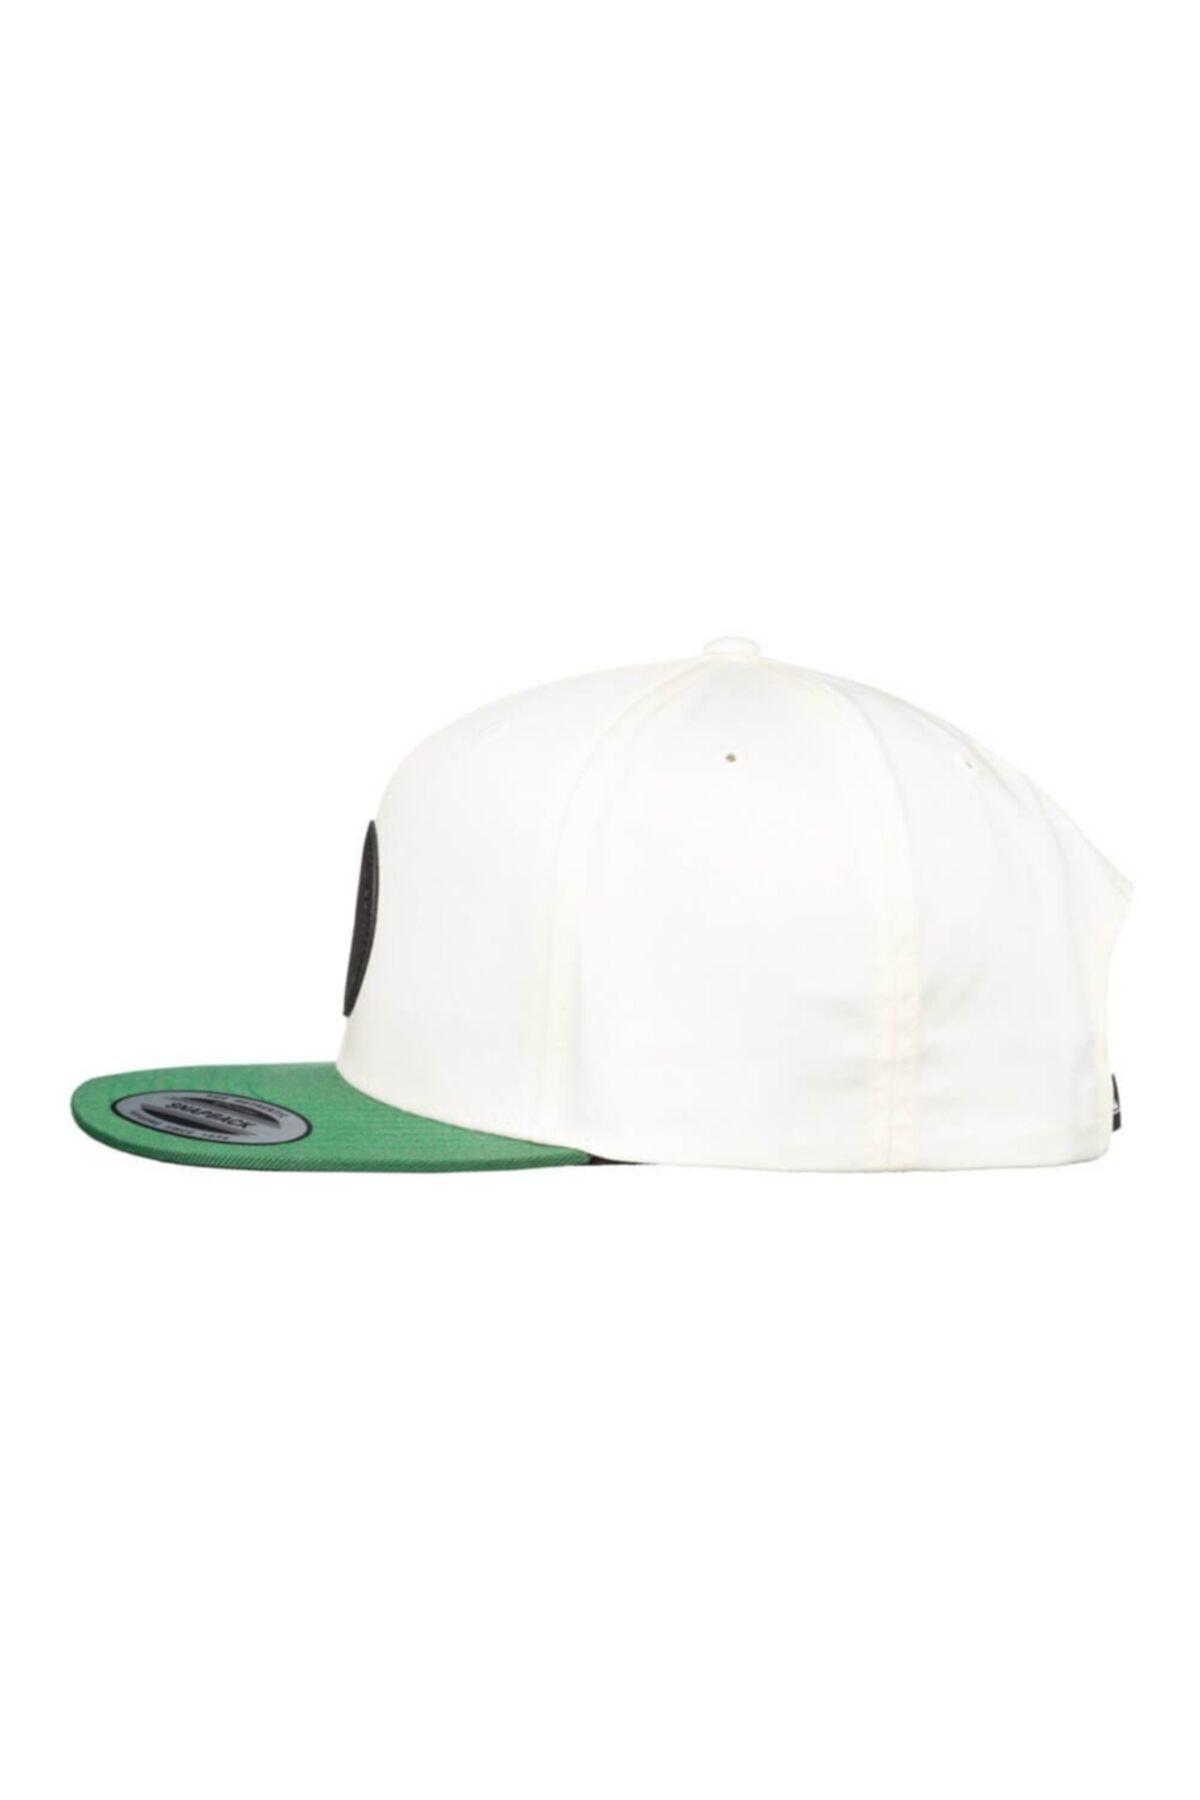 Quiksilver Unisex Beyaz Şapka Şapkaaqyha04311 2